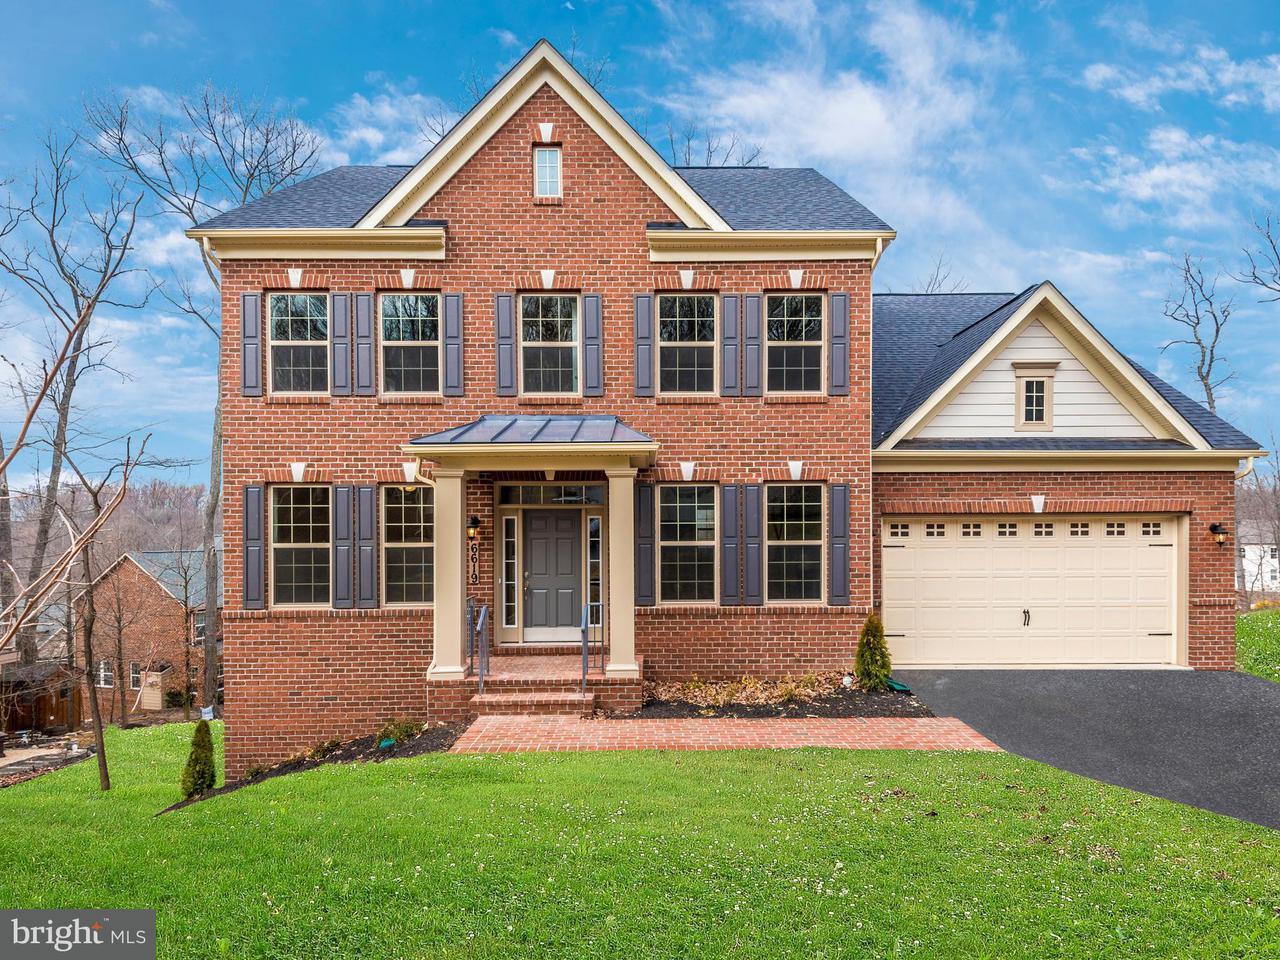 Casa Unifamiliar por un Venta en 6609 Accipiter Drive 6609 Accipiter Drive New Market, Maryland 21774 Estados Unidos